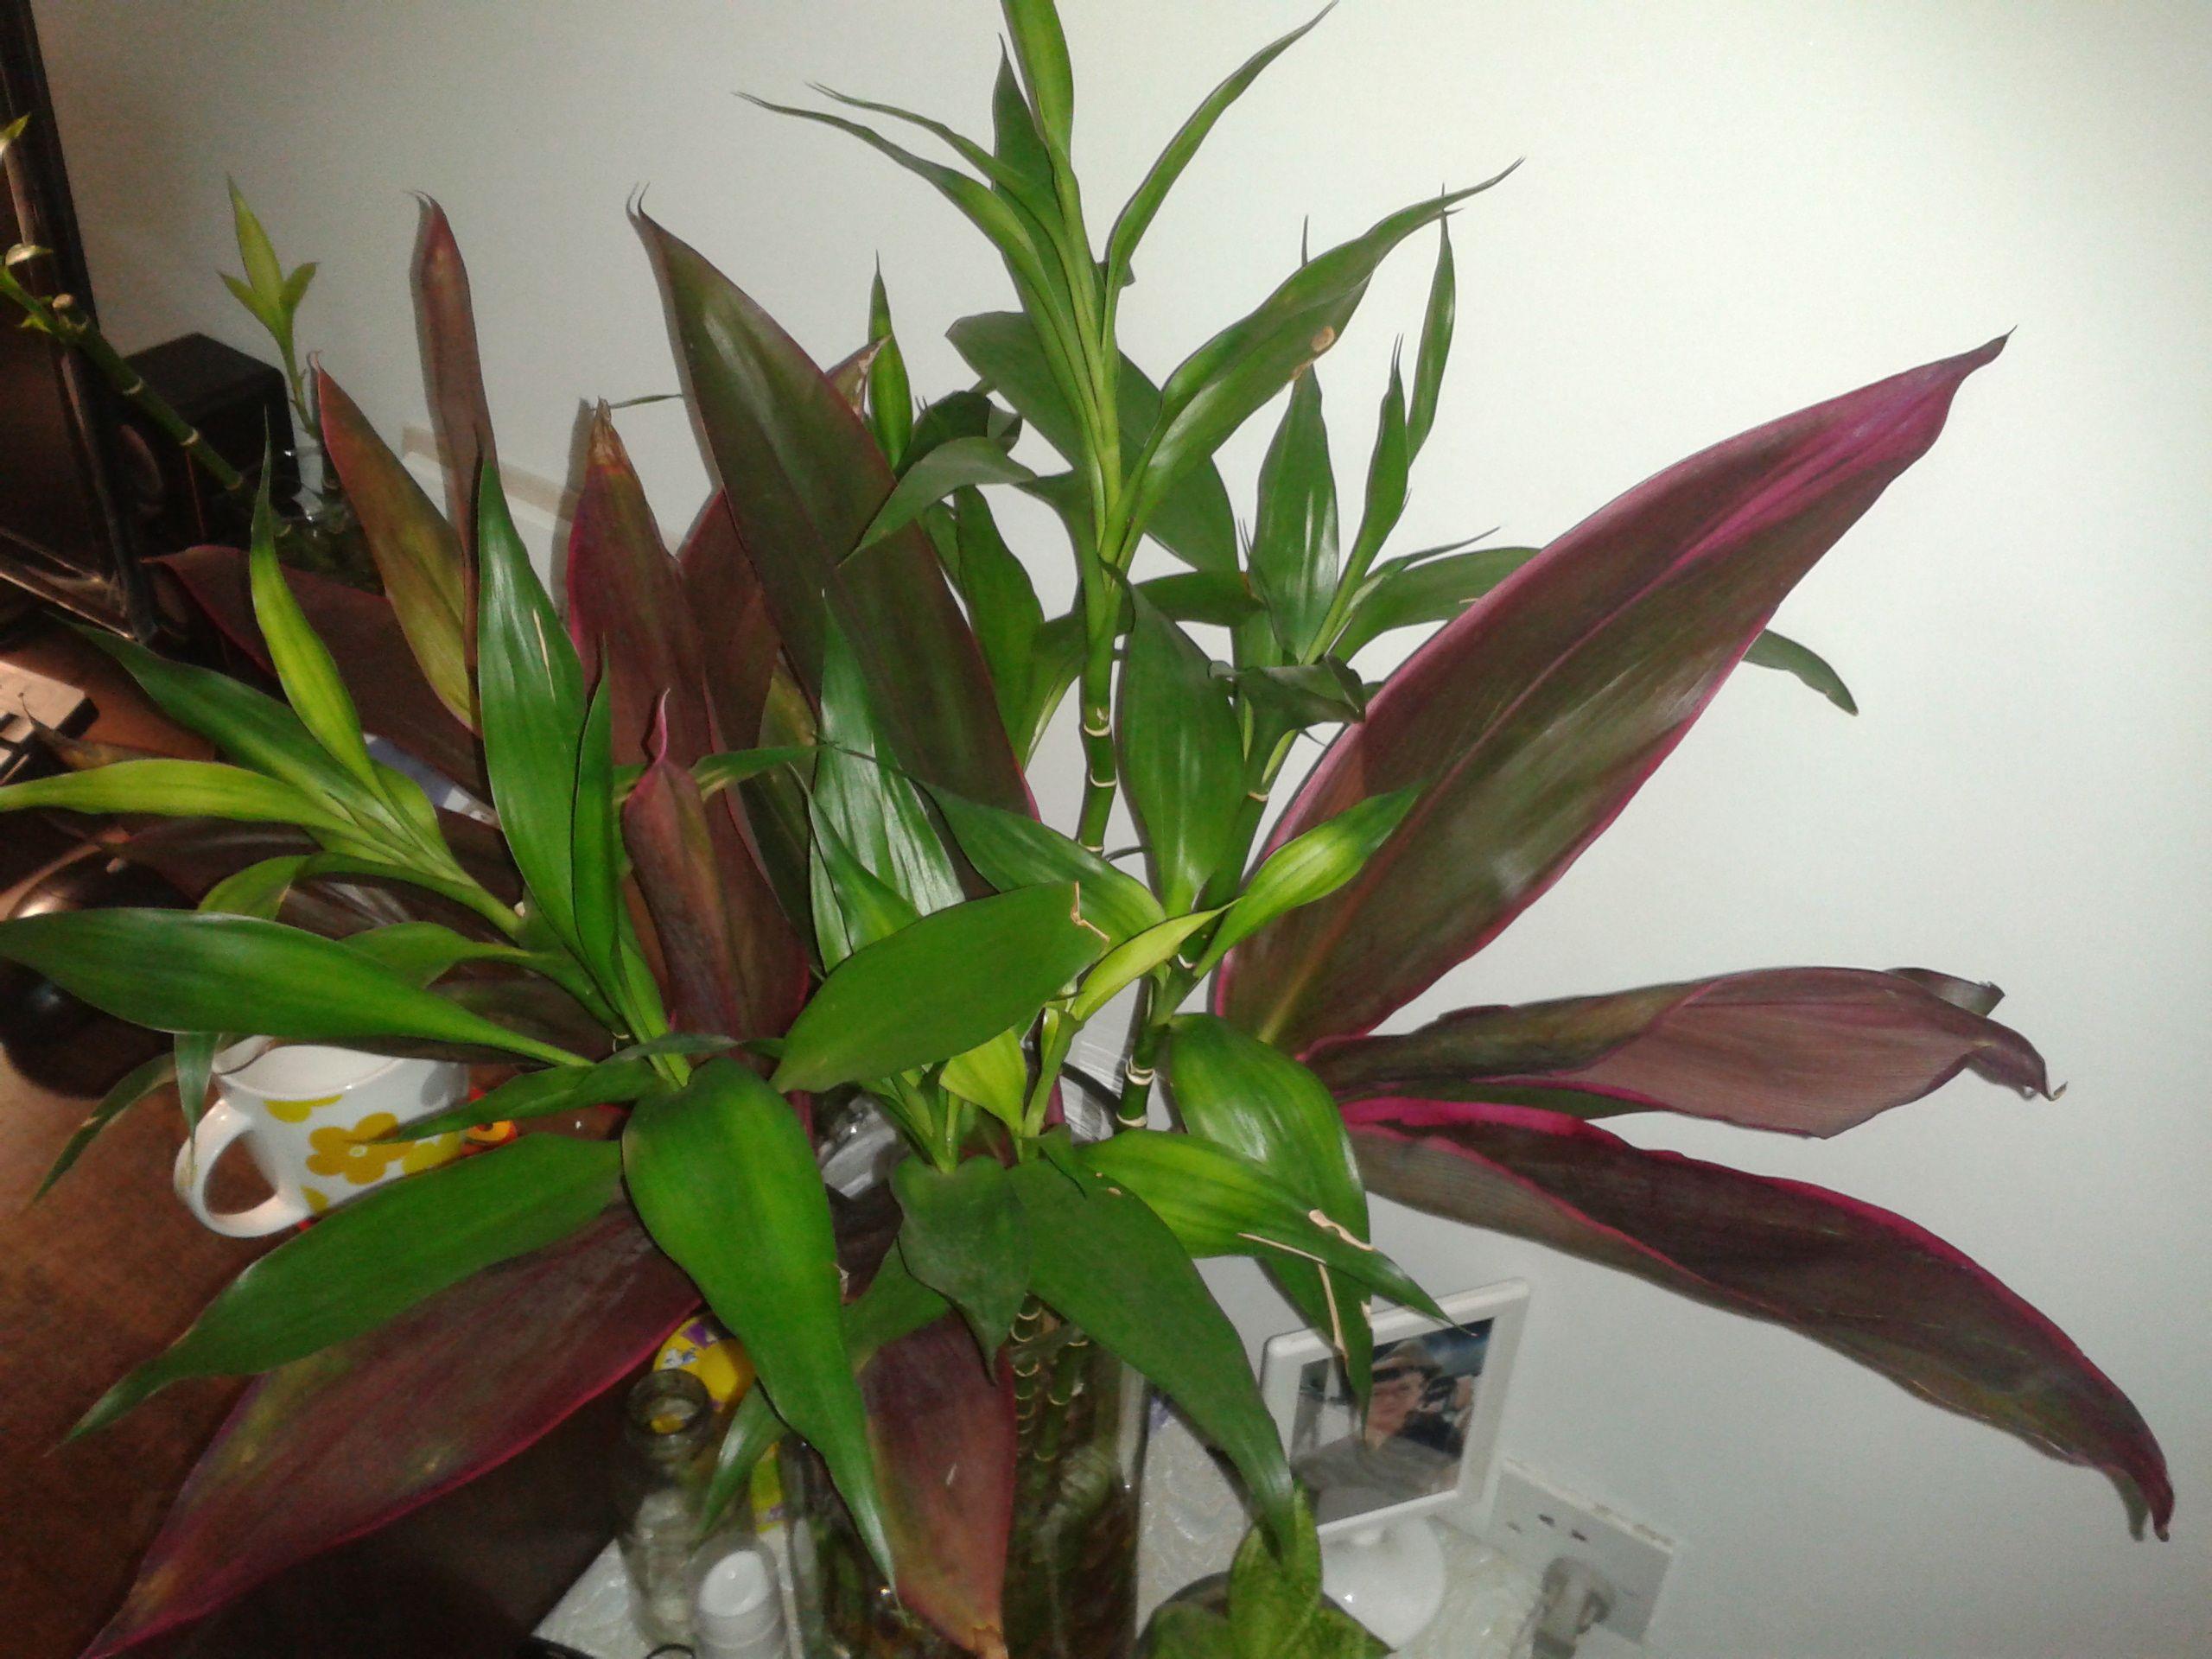 水培的叶边紫红色的竹子叫什么名字